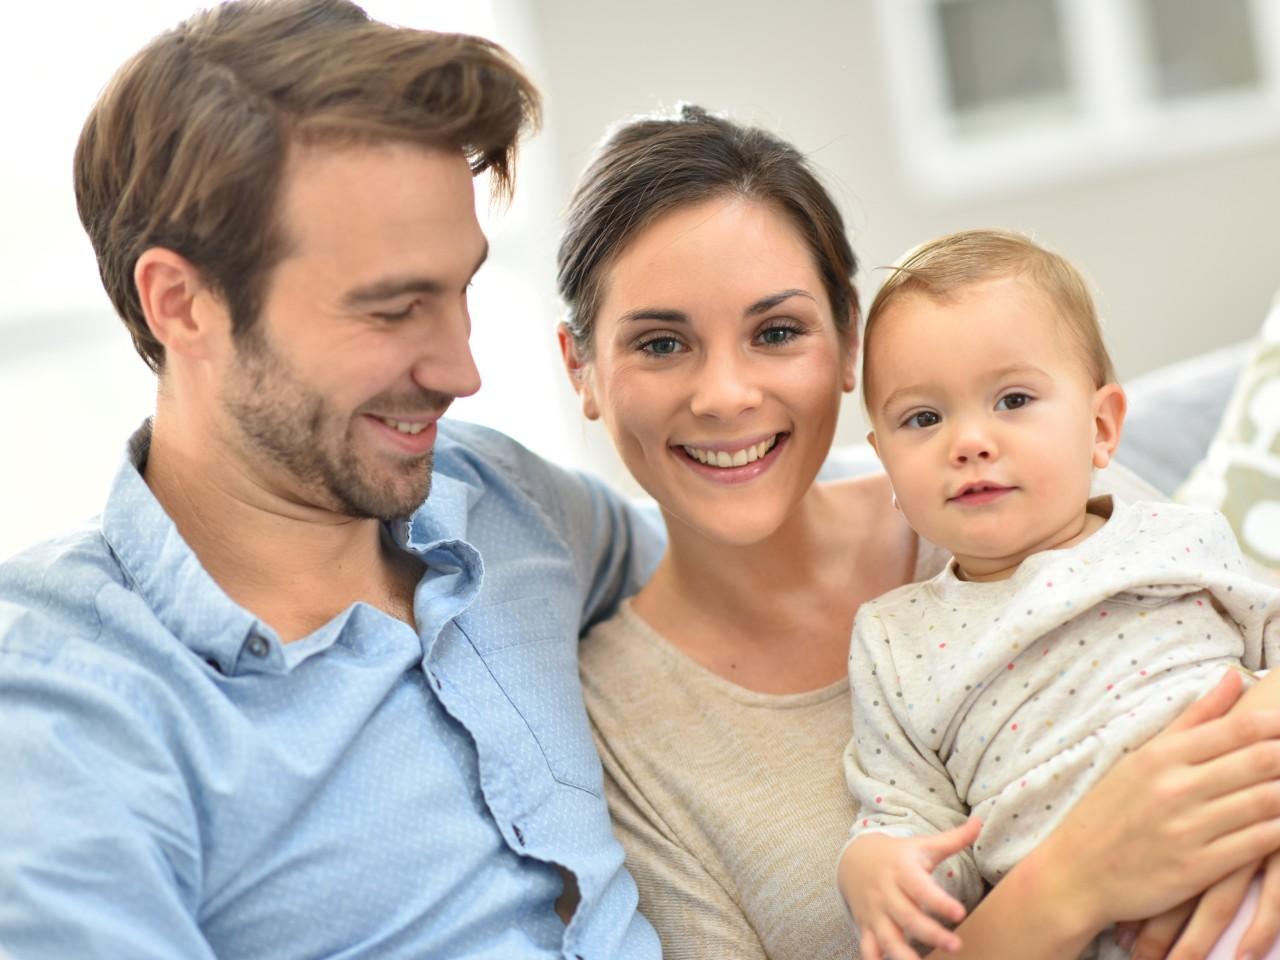 Portrait einer glücklichen jungen Familie im Wohnzimmer, © goodluz – stock.adobe.com